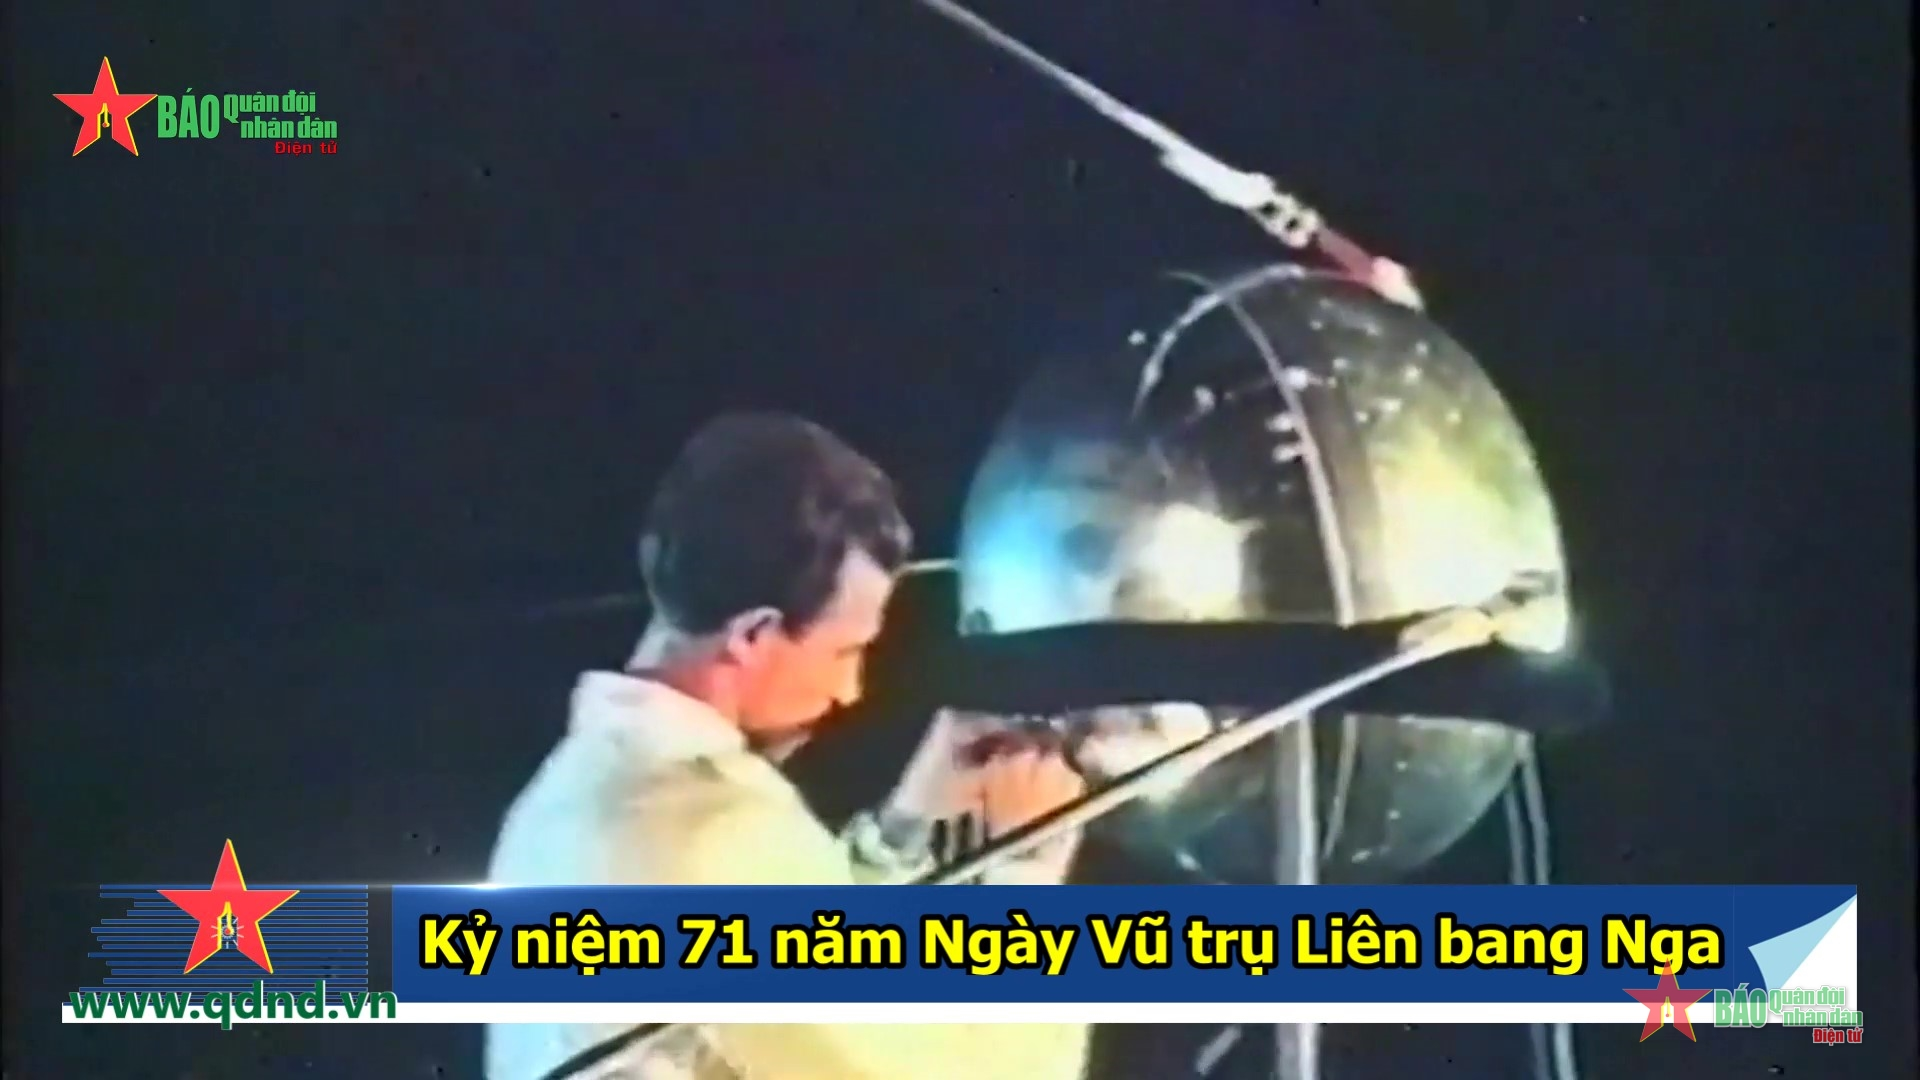 Kỷ niệm 71 năm Ngày Vũ trụ Liên bang Nga